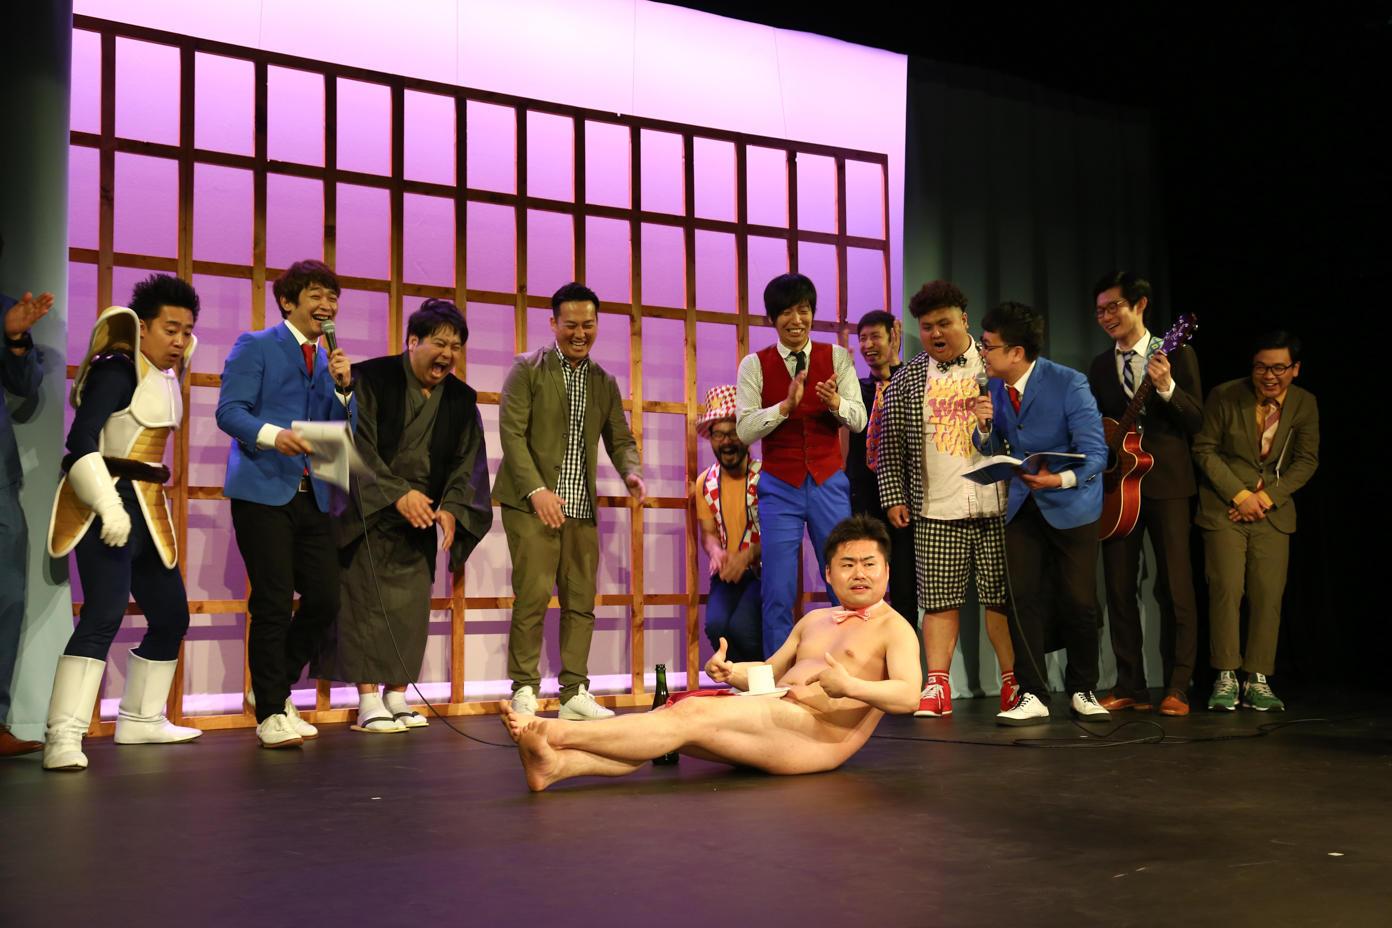 http://news.yoshimoto.co.jp/20180329150609-74faa06b39b81330b71fae415208c5a7b5eb9742.jpg